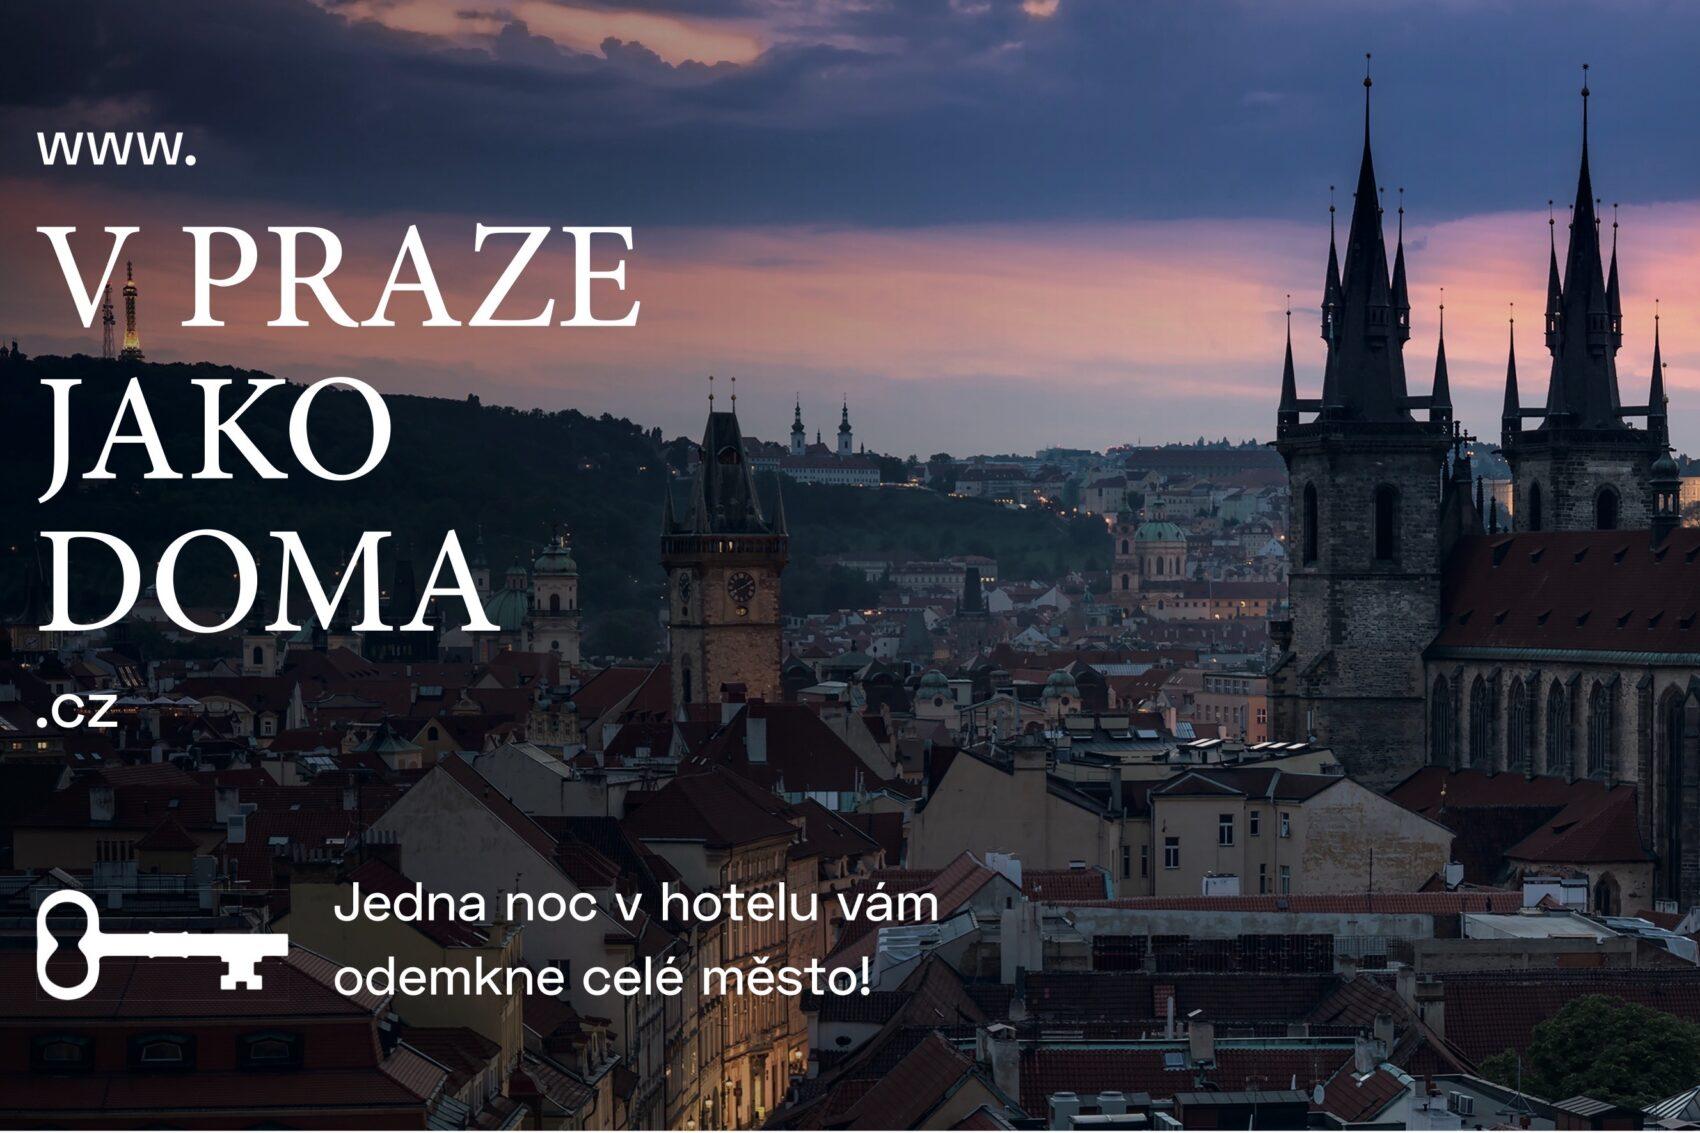 Reklama projektu V Praze jako doma, pohled na noční město